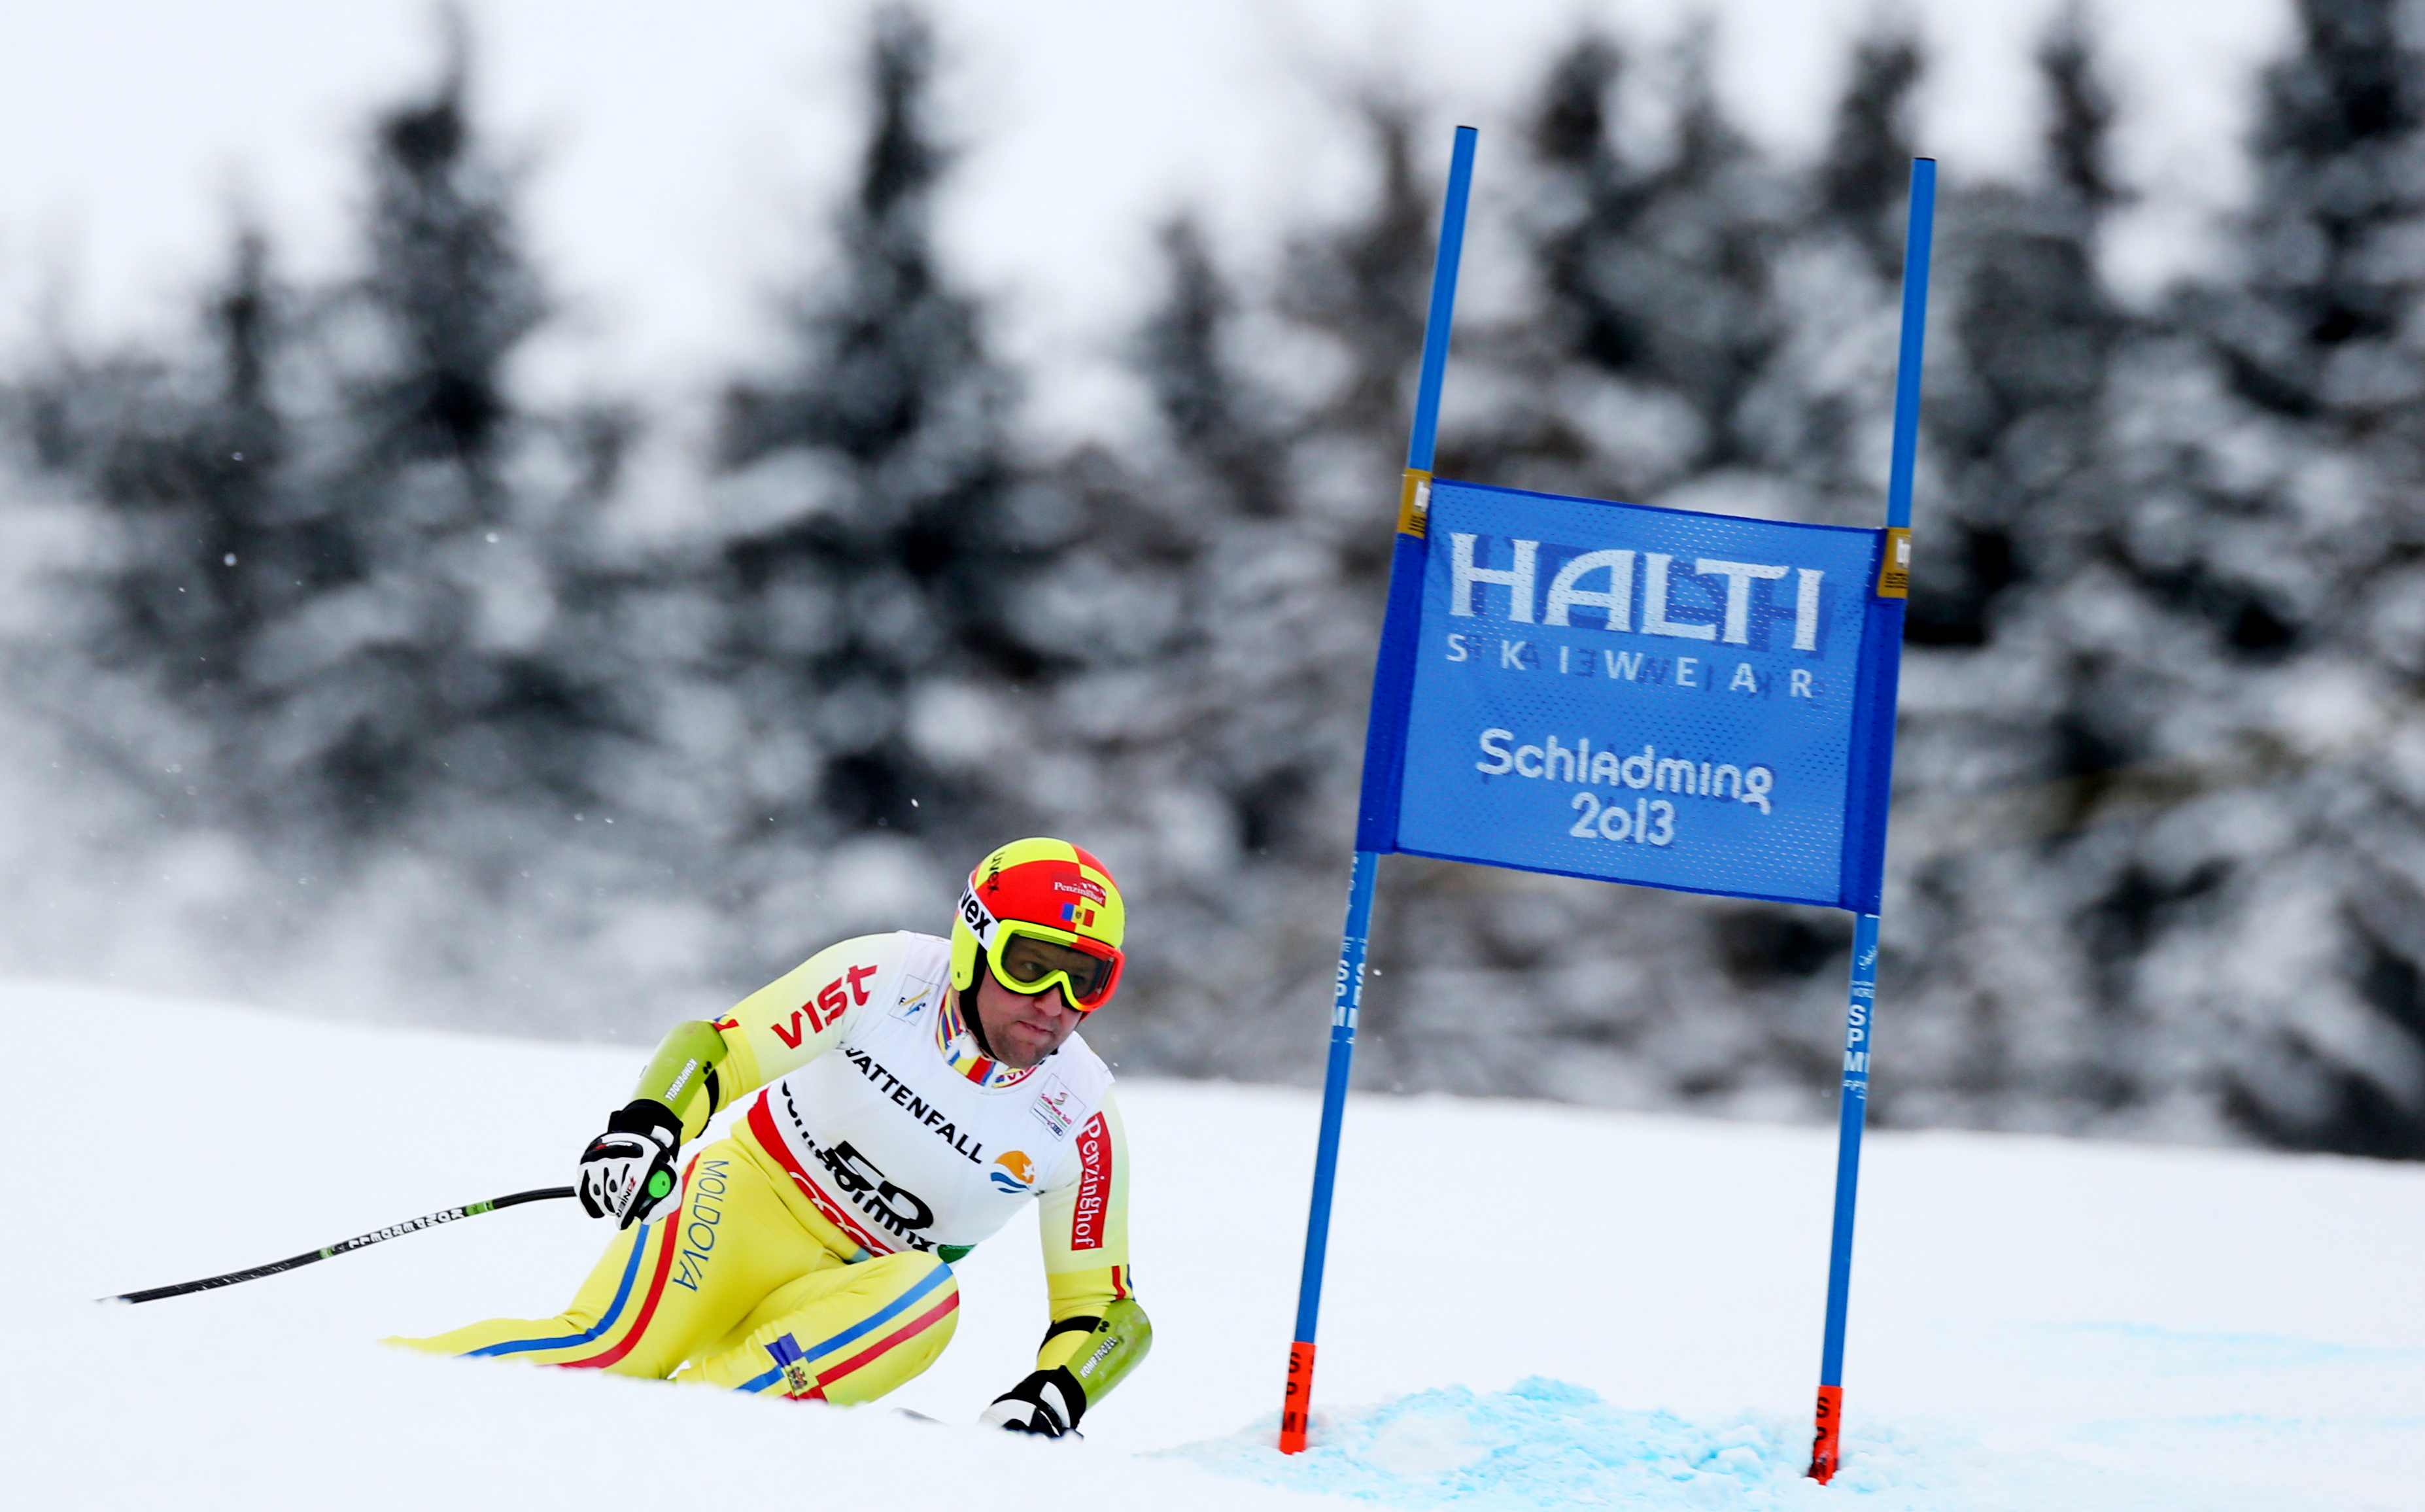 SKI ALPIN - FIS Ski WM 2013, Super G, Herren